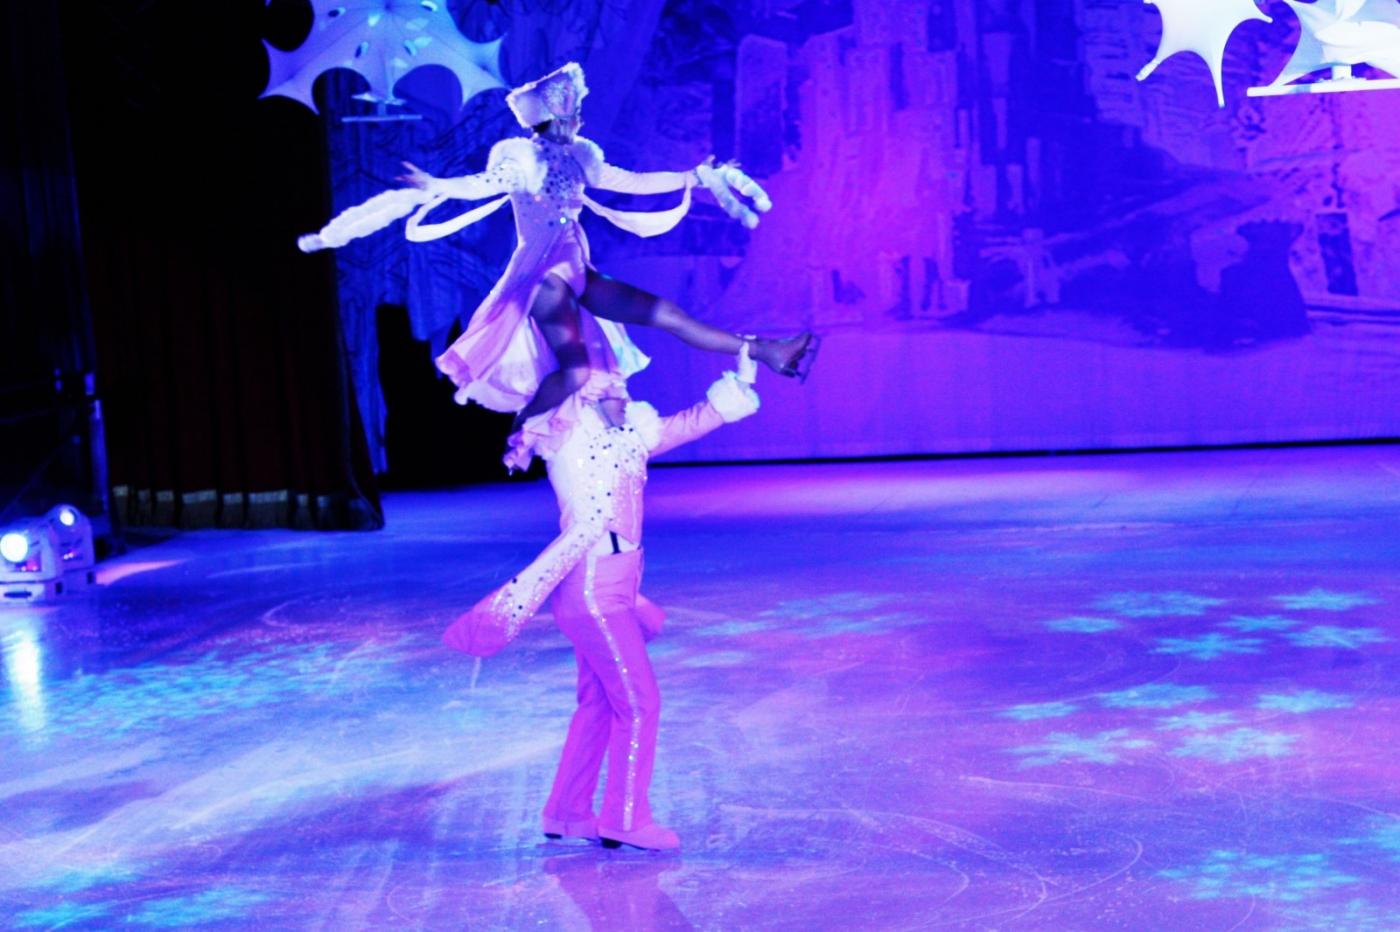 在海洋绿洲号游轮,观看冰上芭蕾,花样溜冰专场演出_图1-15